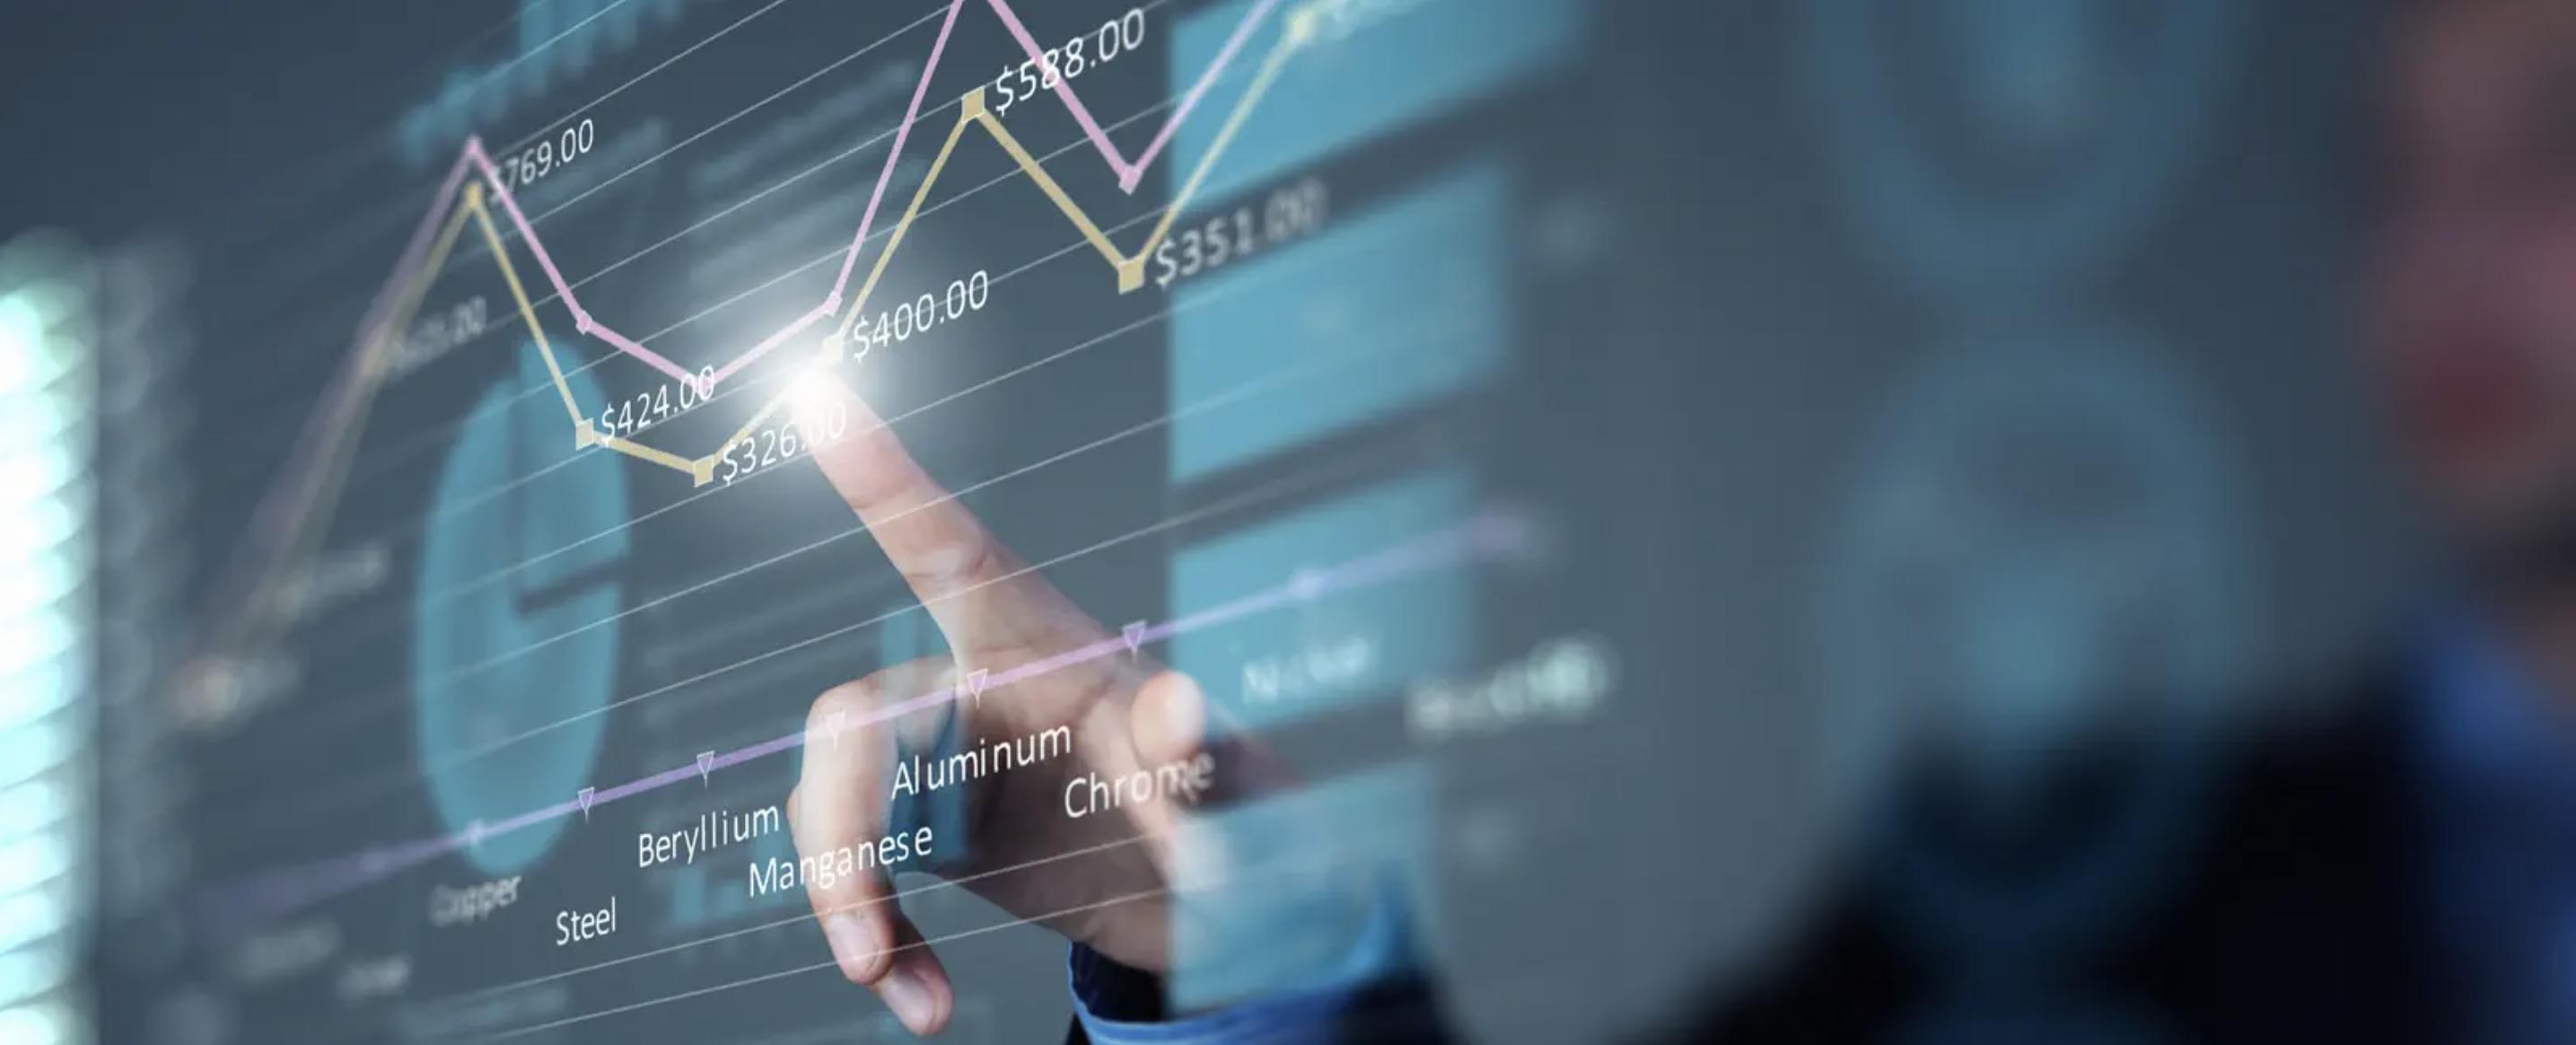 Catálogo SAP Ariba: La digitalización de las compras indirectas